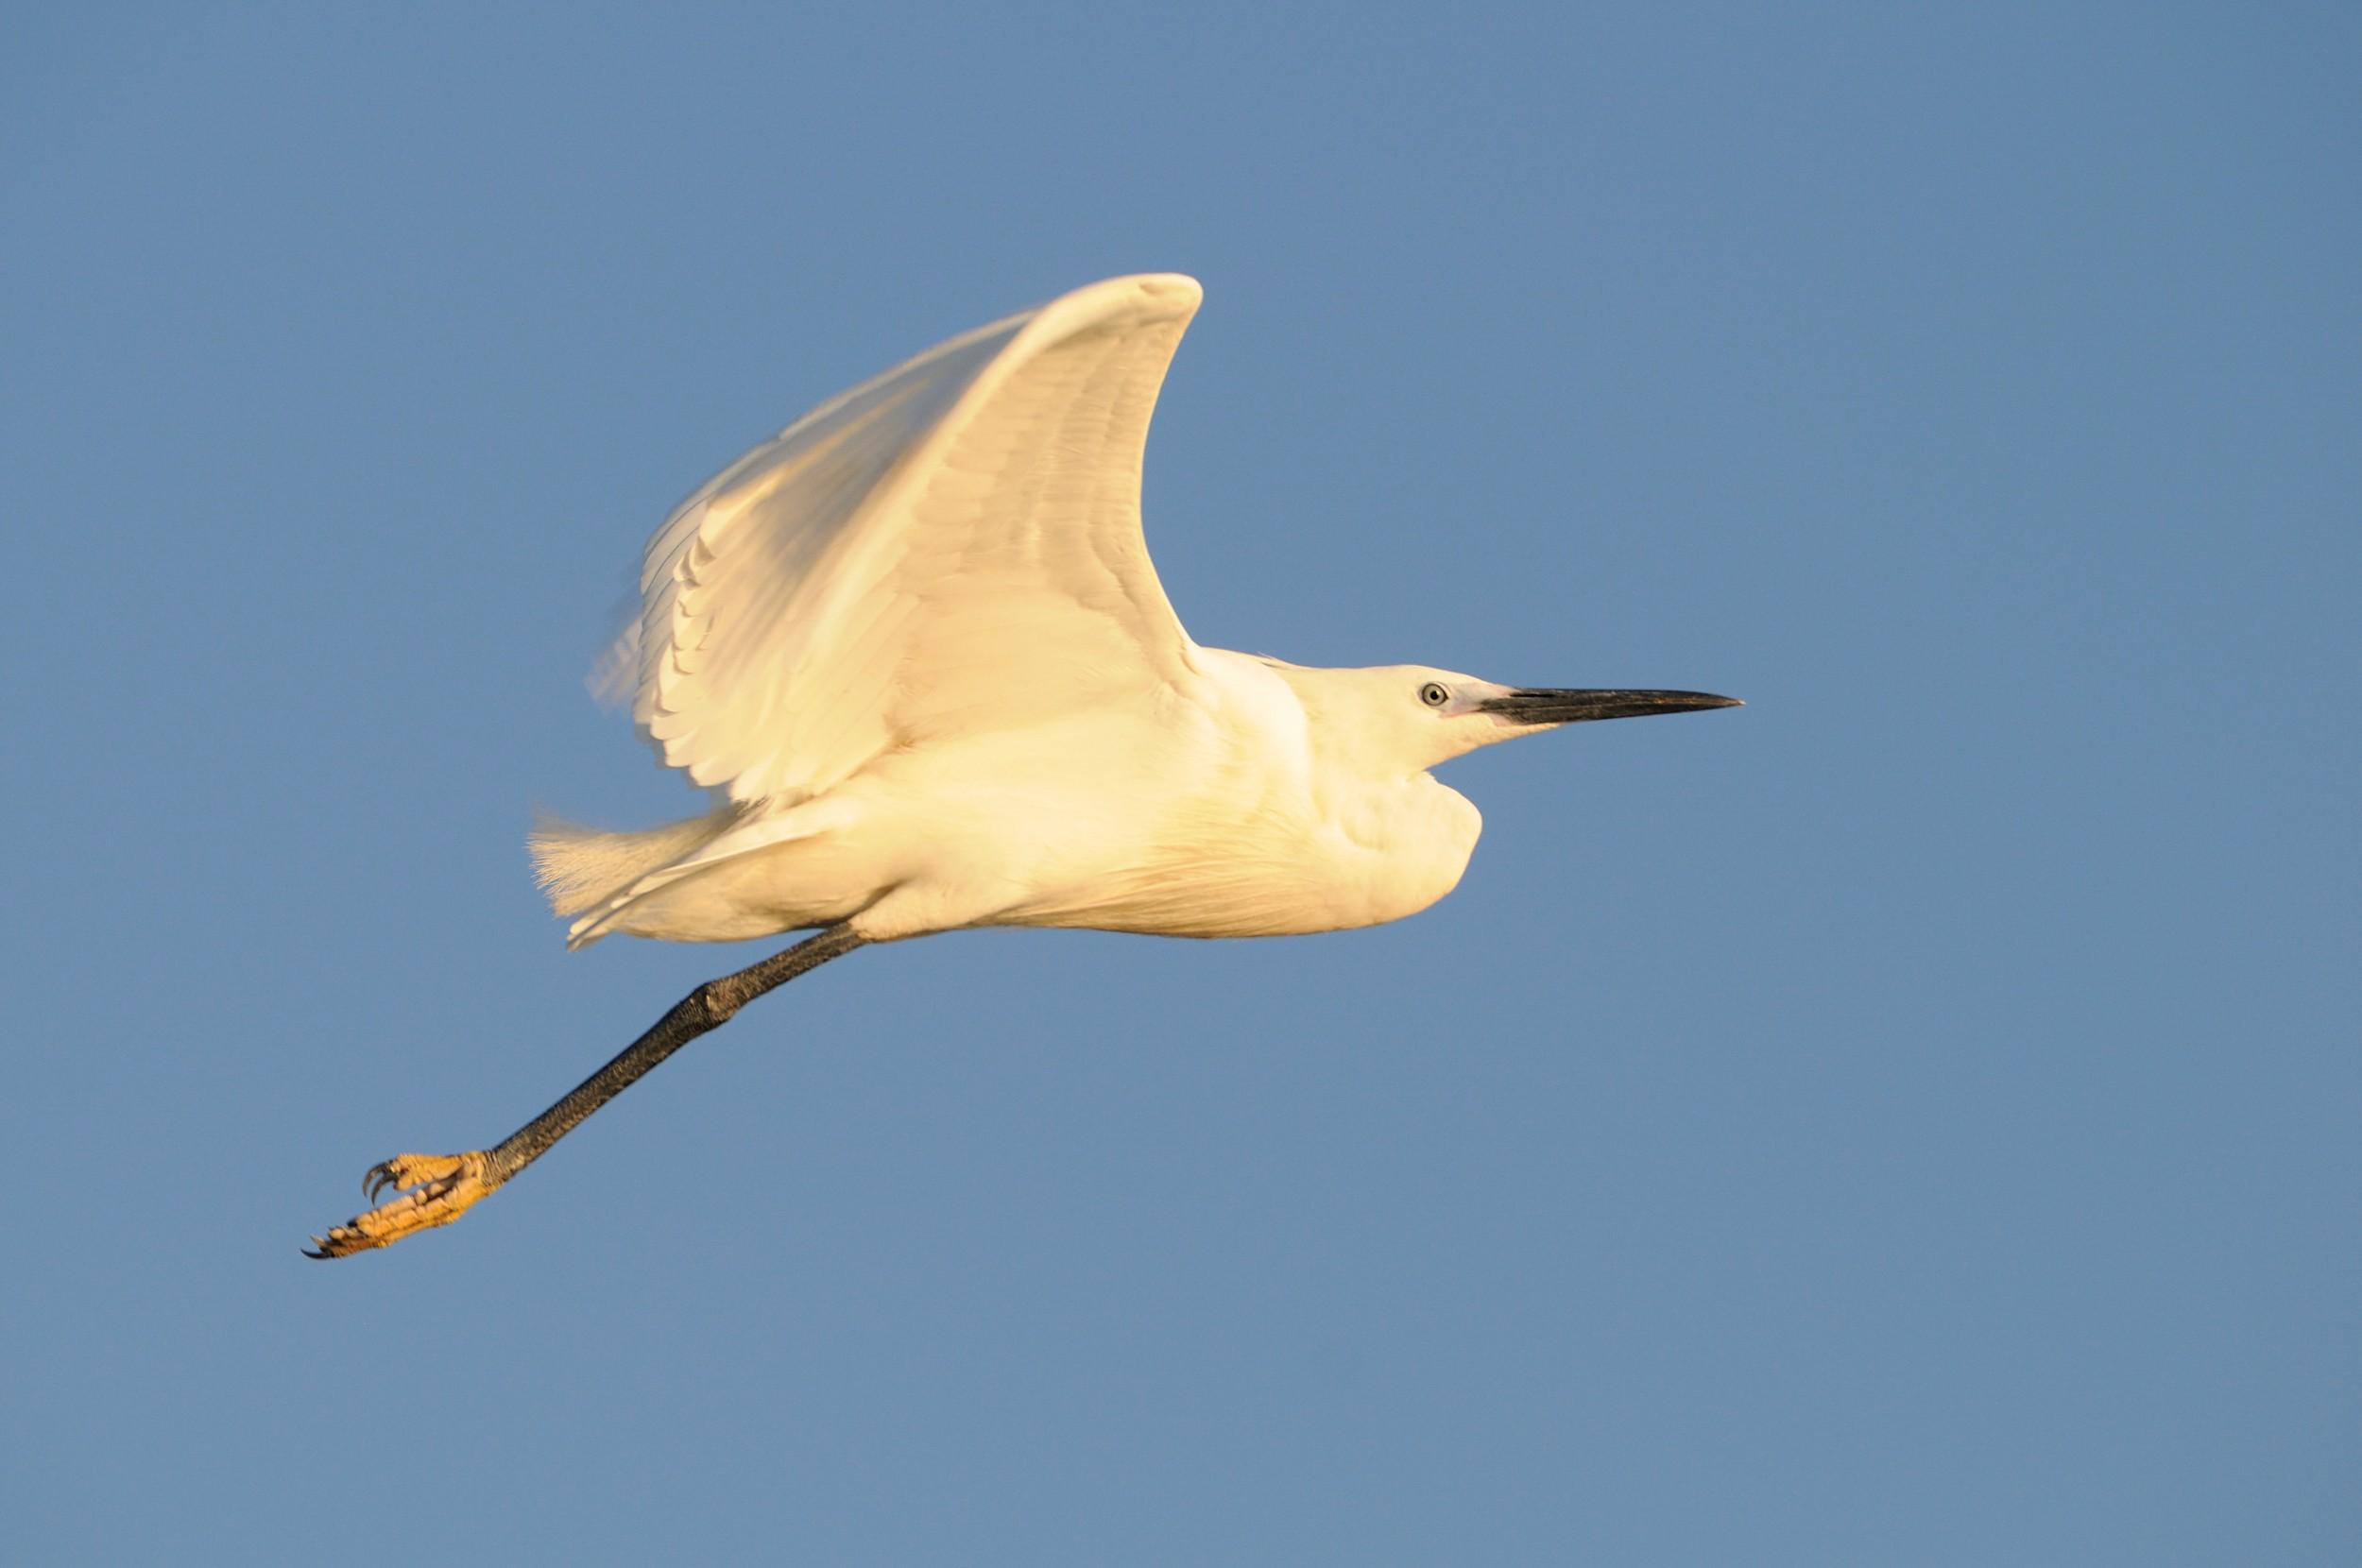 PL-Selous-bird-in-flight.jpg